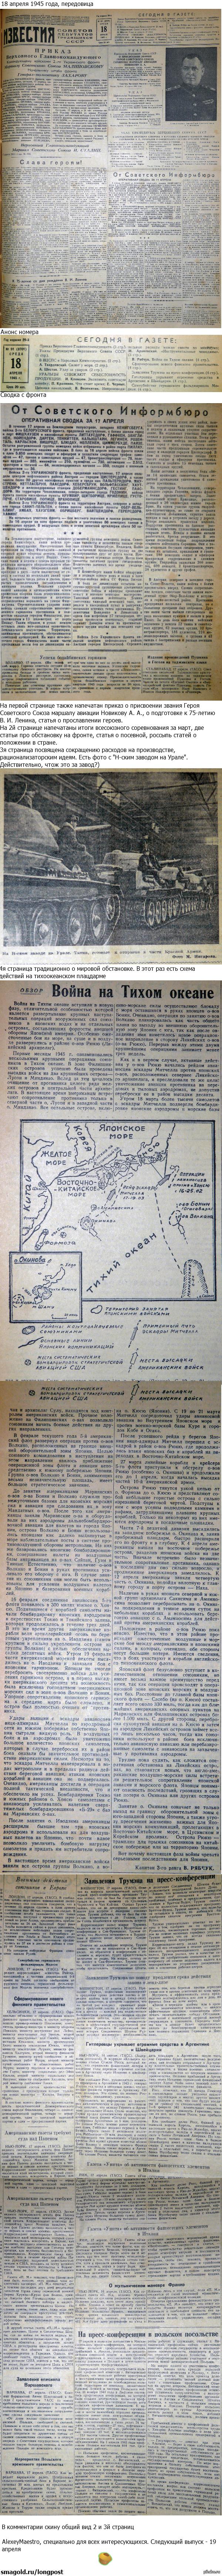 Так освещался этот день в 1945 году Бои союзников на тихоокеанском плацдарме, выпуск танков на Урале, сводки с фронта - всё это прямиком из подшивки